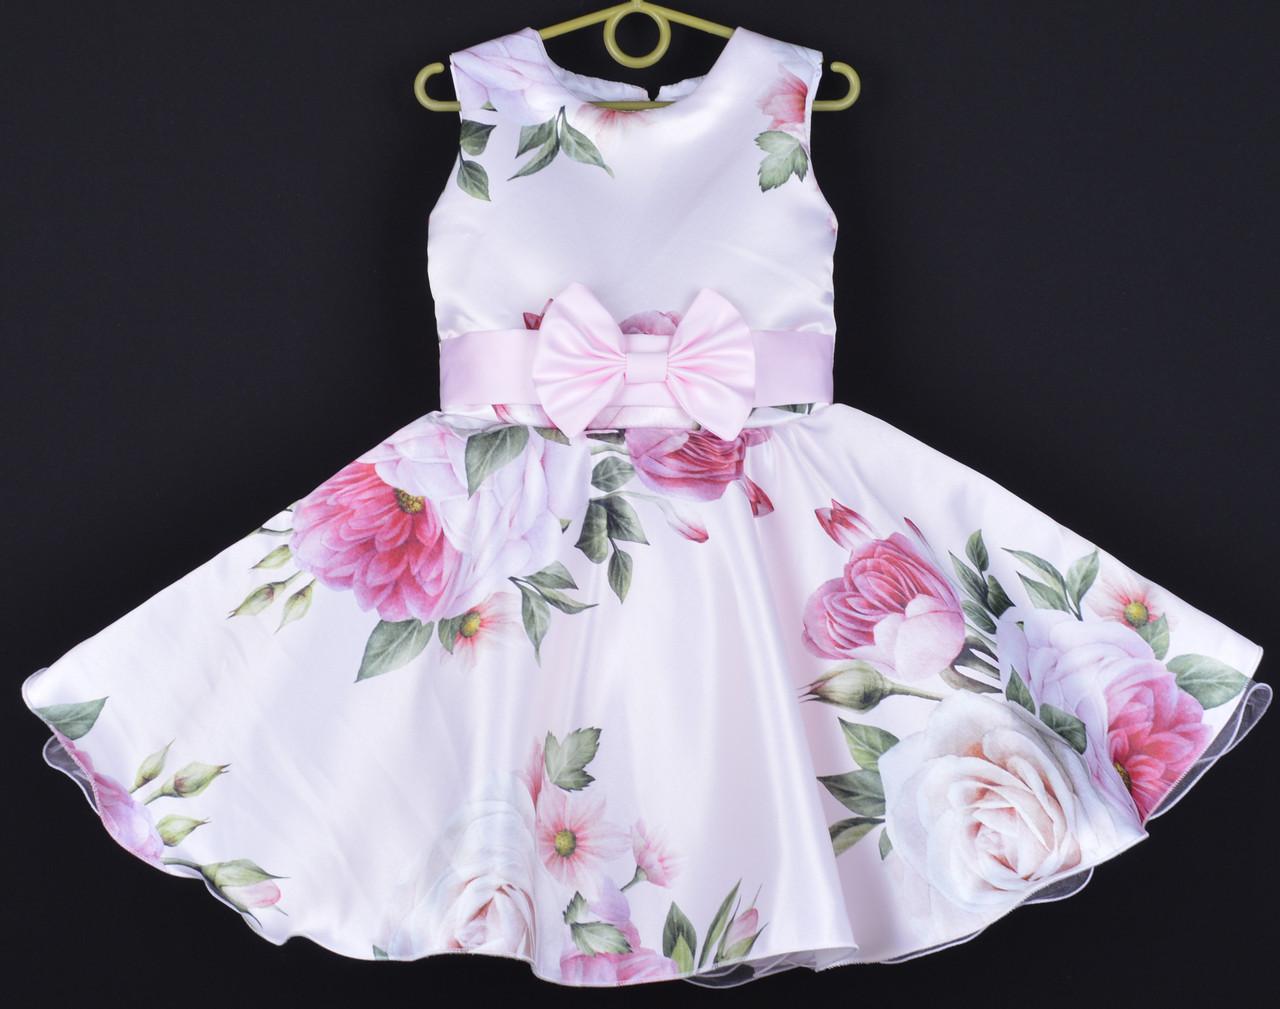 """Платье нарядное детское """"Синтия"""" 6-7 лет. Нежно-розовое с цветочным принтом. Оптом и в розницу"""